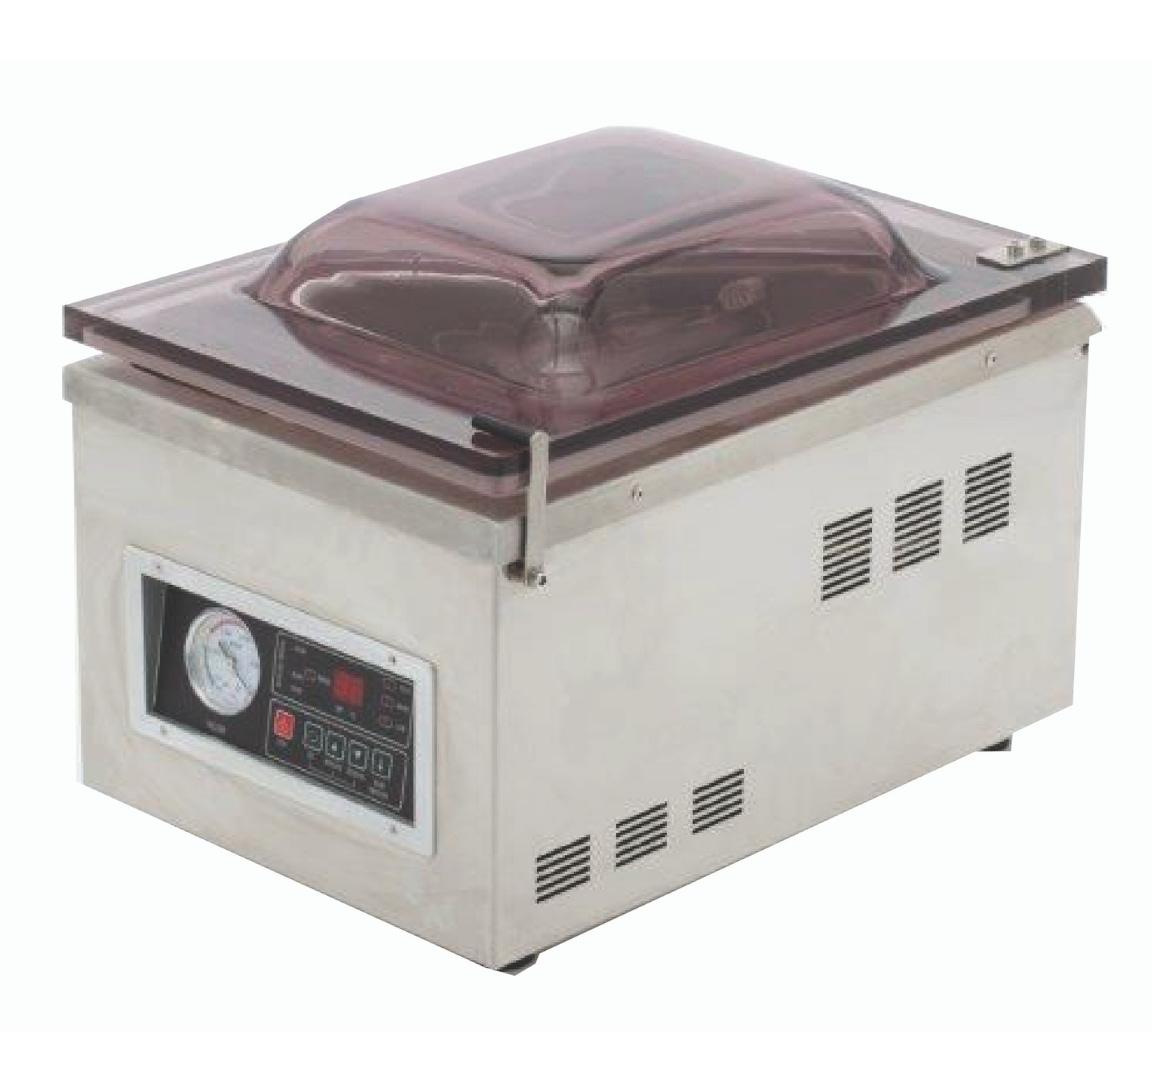 DZ260 Vacuum Machine from Exim